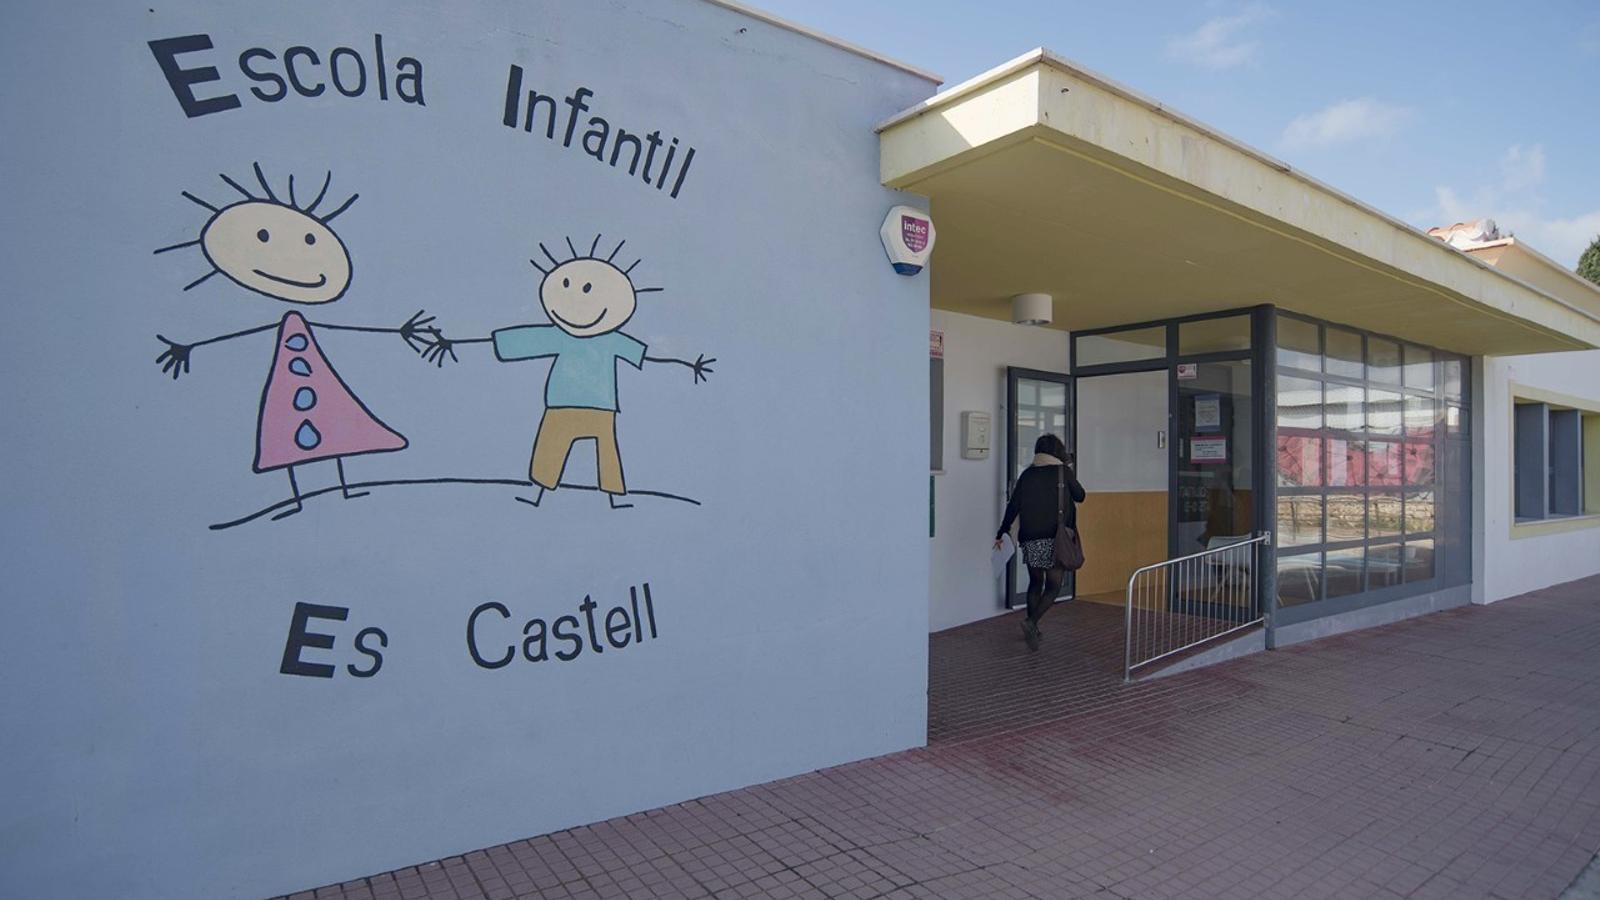 El centre educatiu municipal ha estat l'escenari d'aquest greu incident que ha provocat la indignació dels ciutadans d'Es Castell.